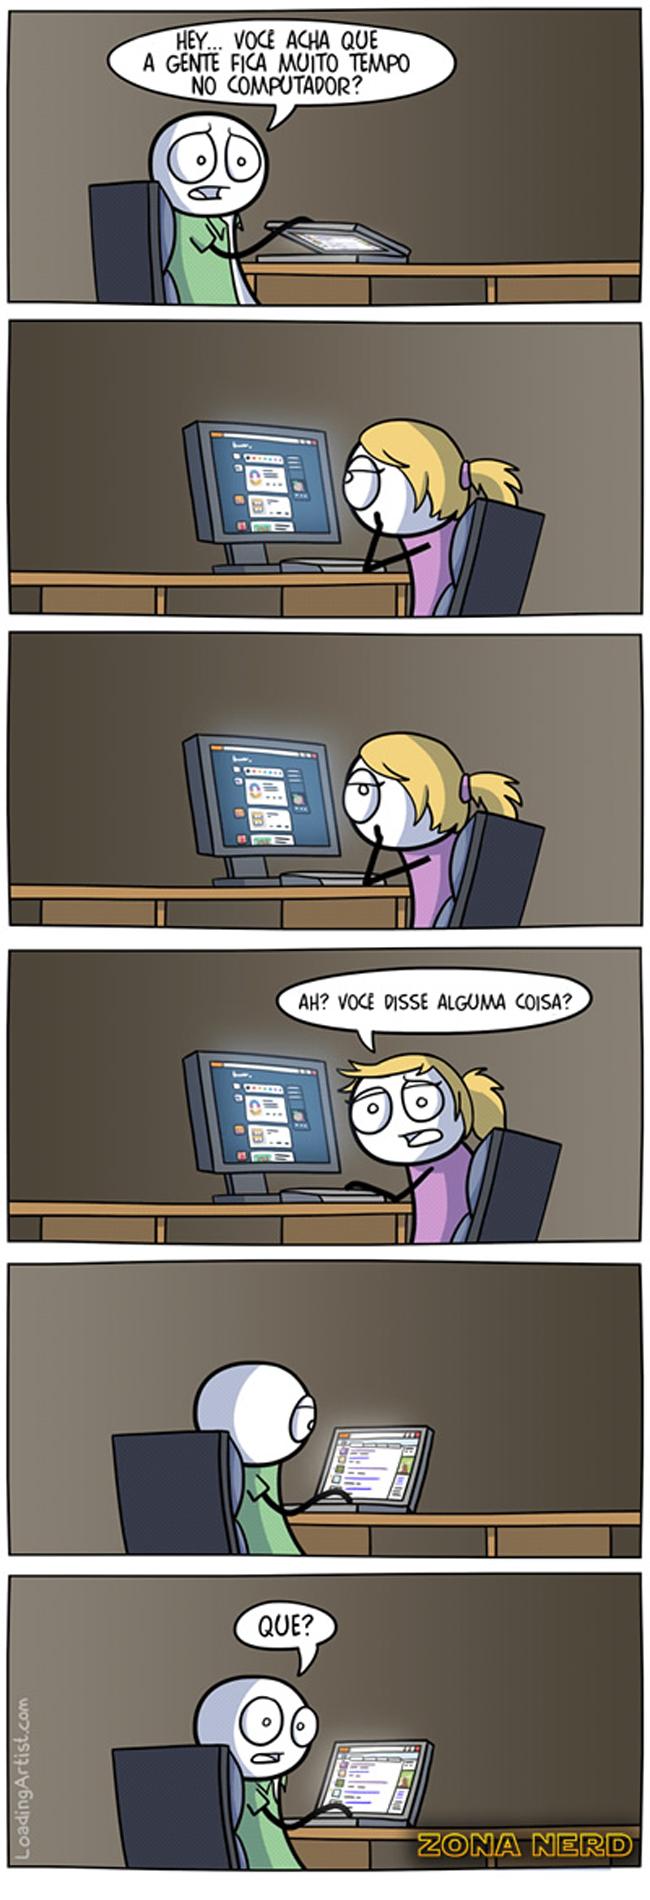 Você passa muito tempo na frente do computador?